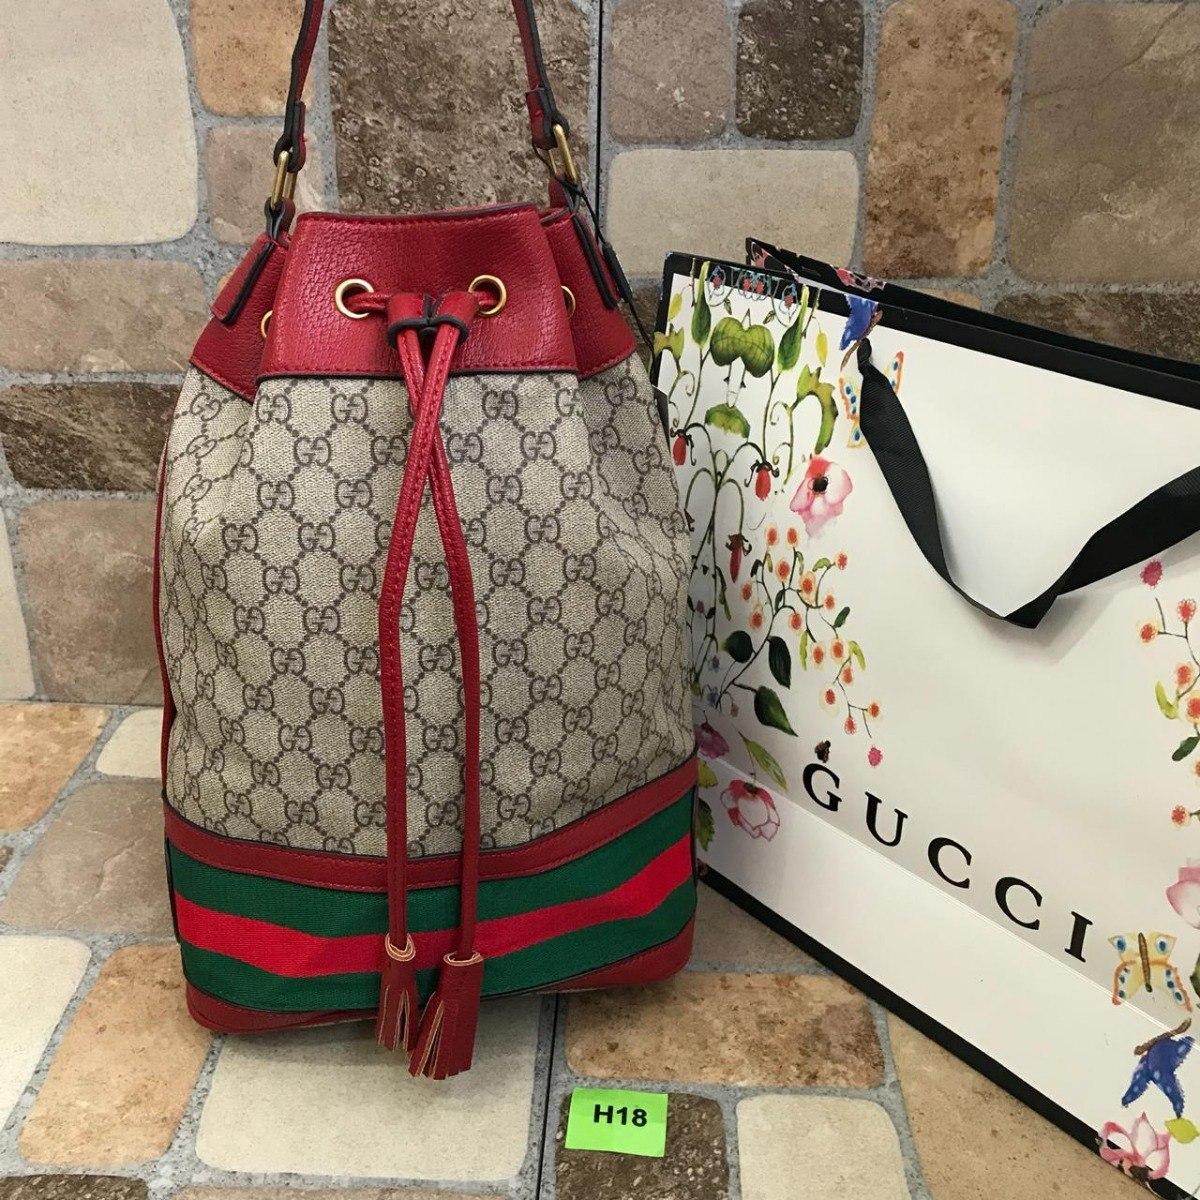 1fab3d0a77cb Bolso Bolsa Gucci Ophidia Gg Bucket Bag - $ 1,599.00 en Mercado Libre